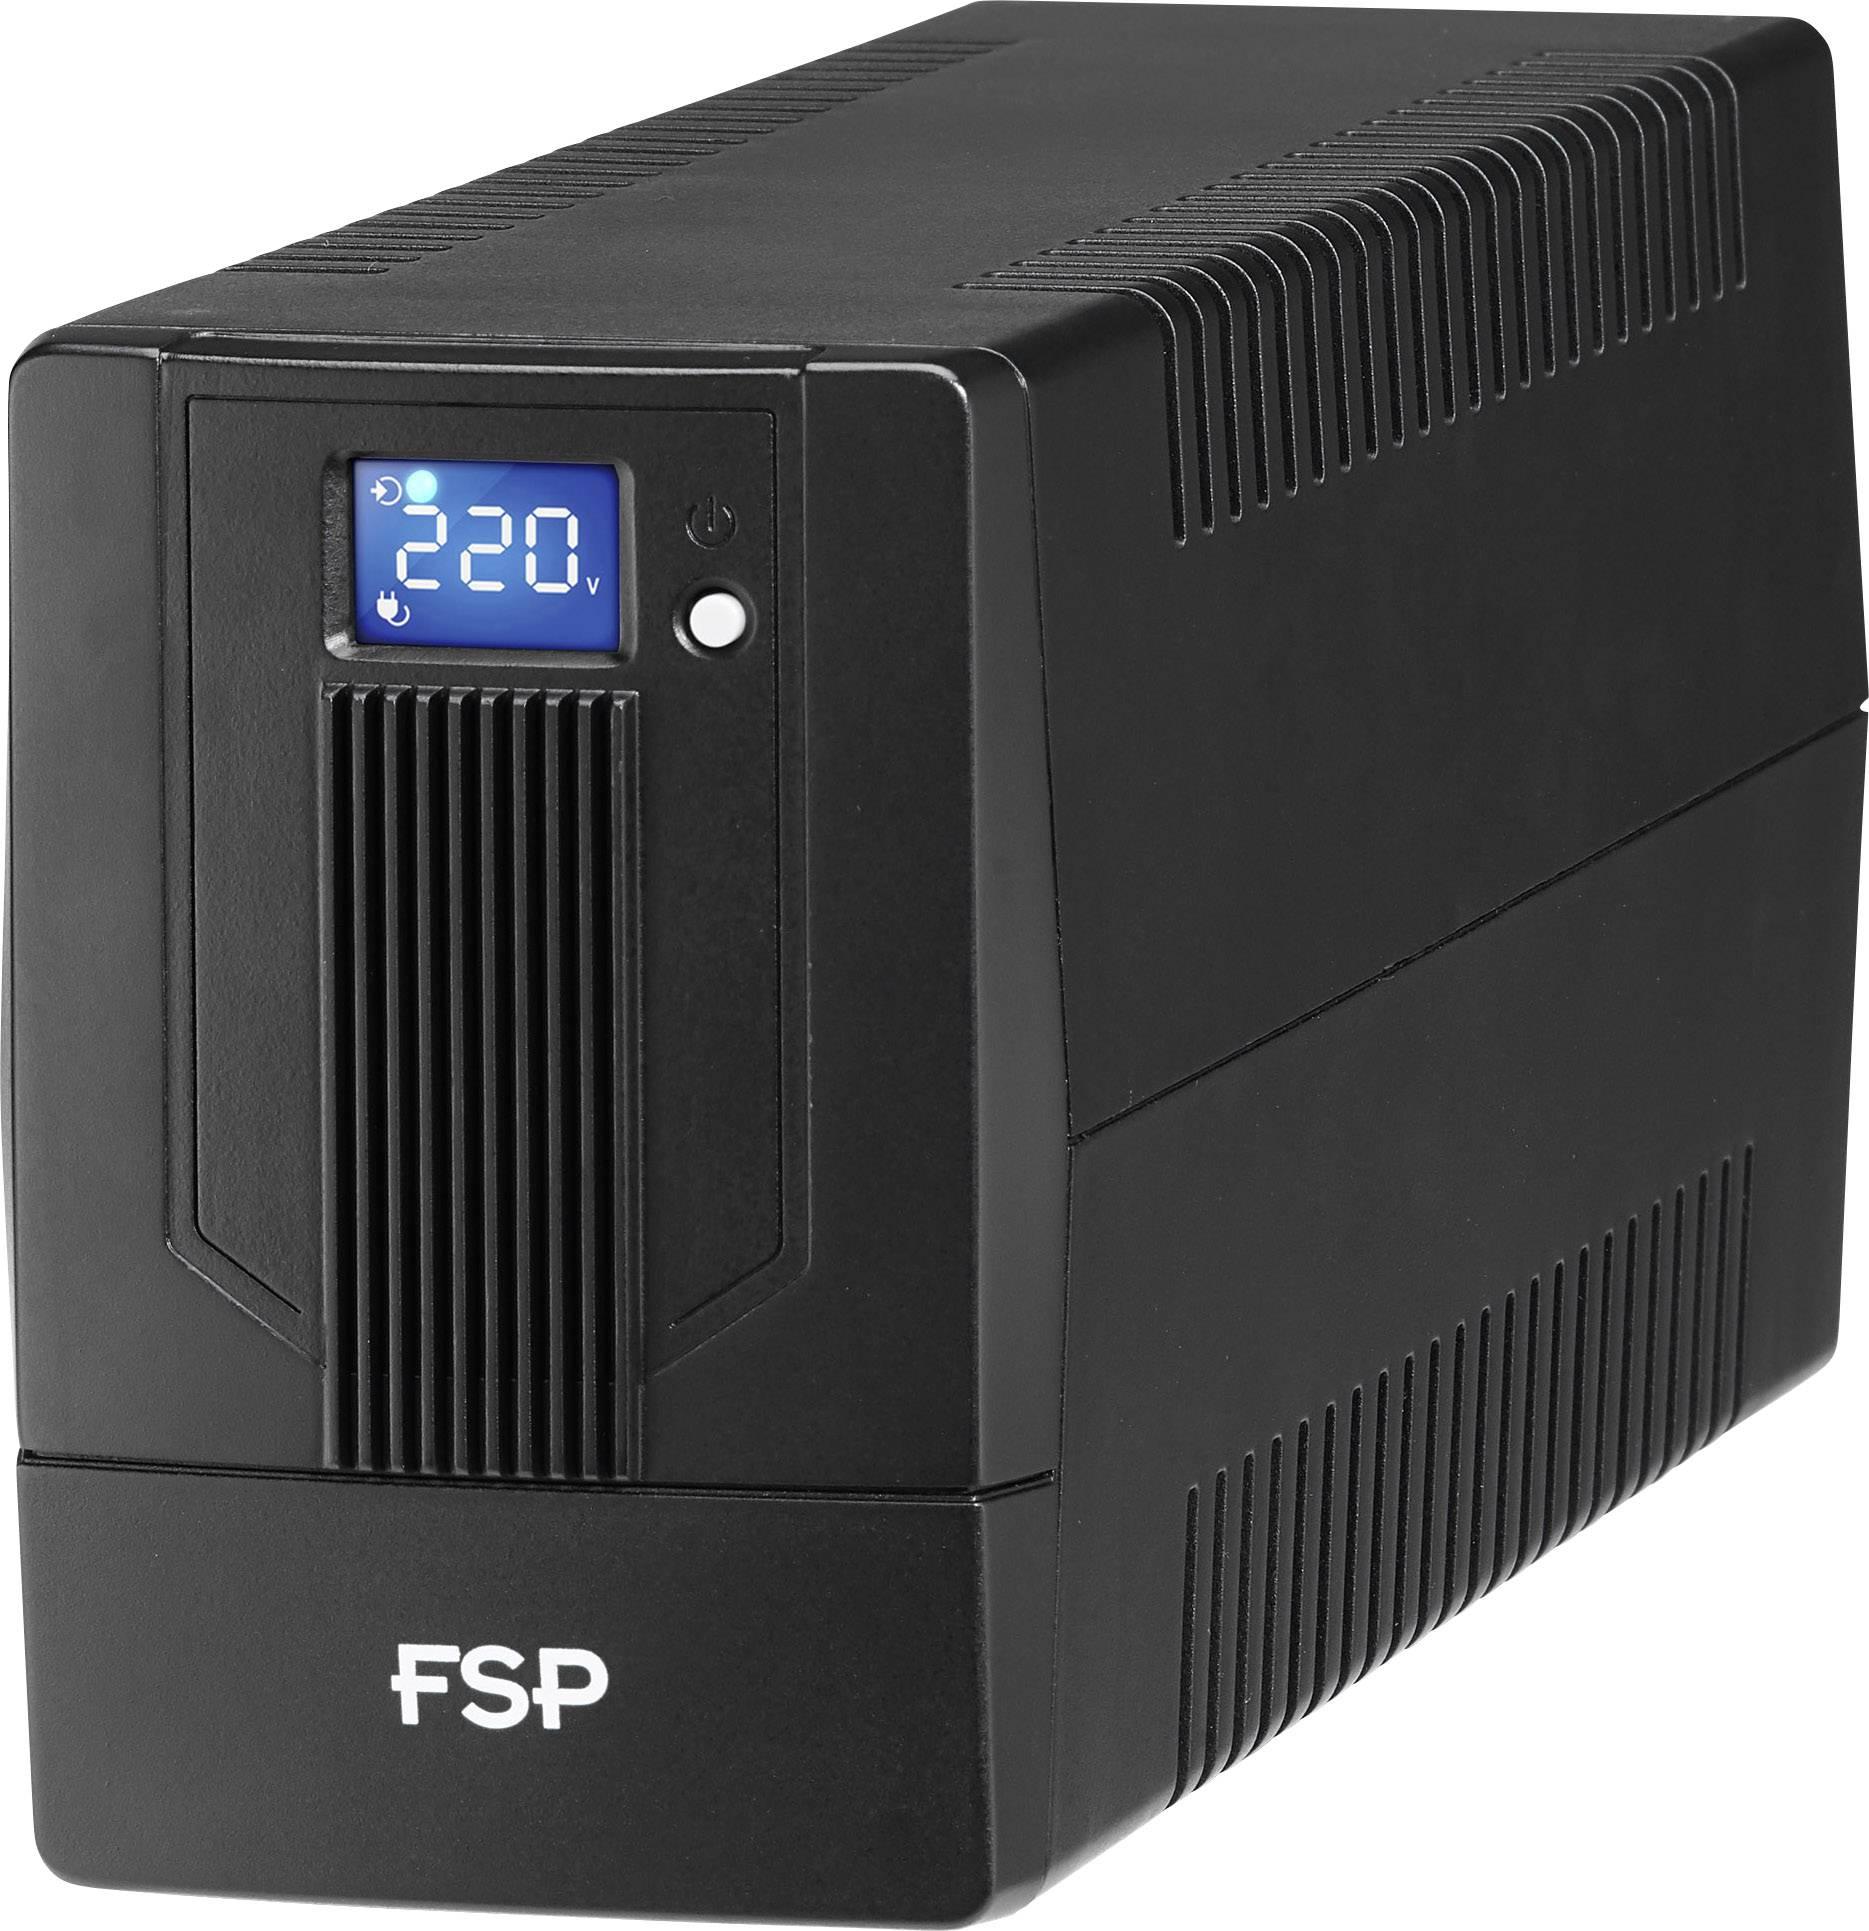 PC- Netzteil Fortron FSP iFP 600 - USV